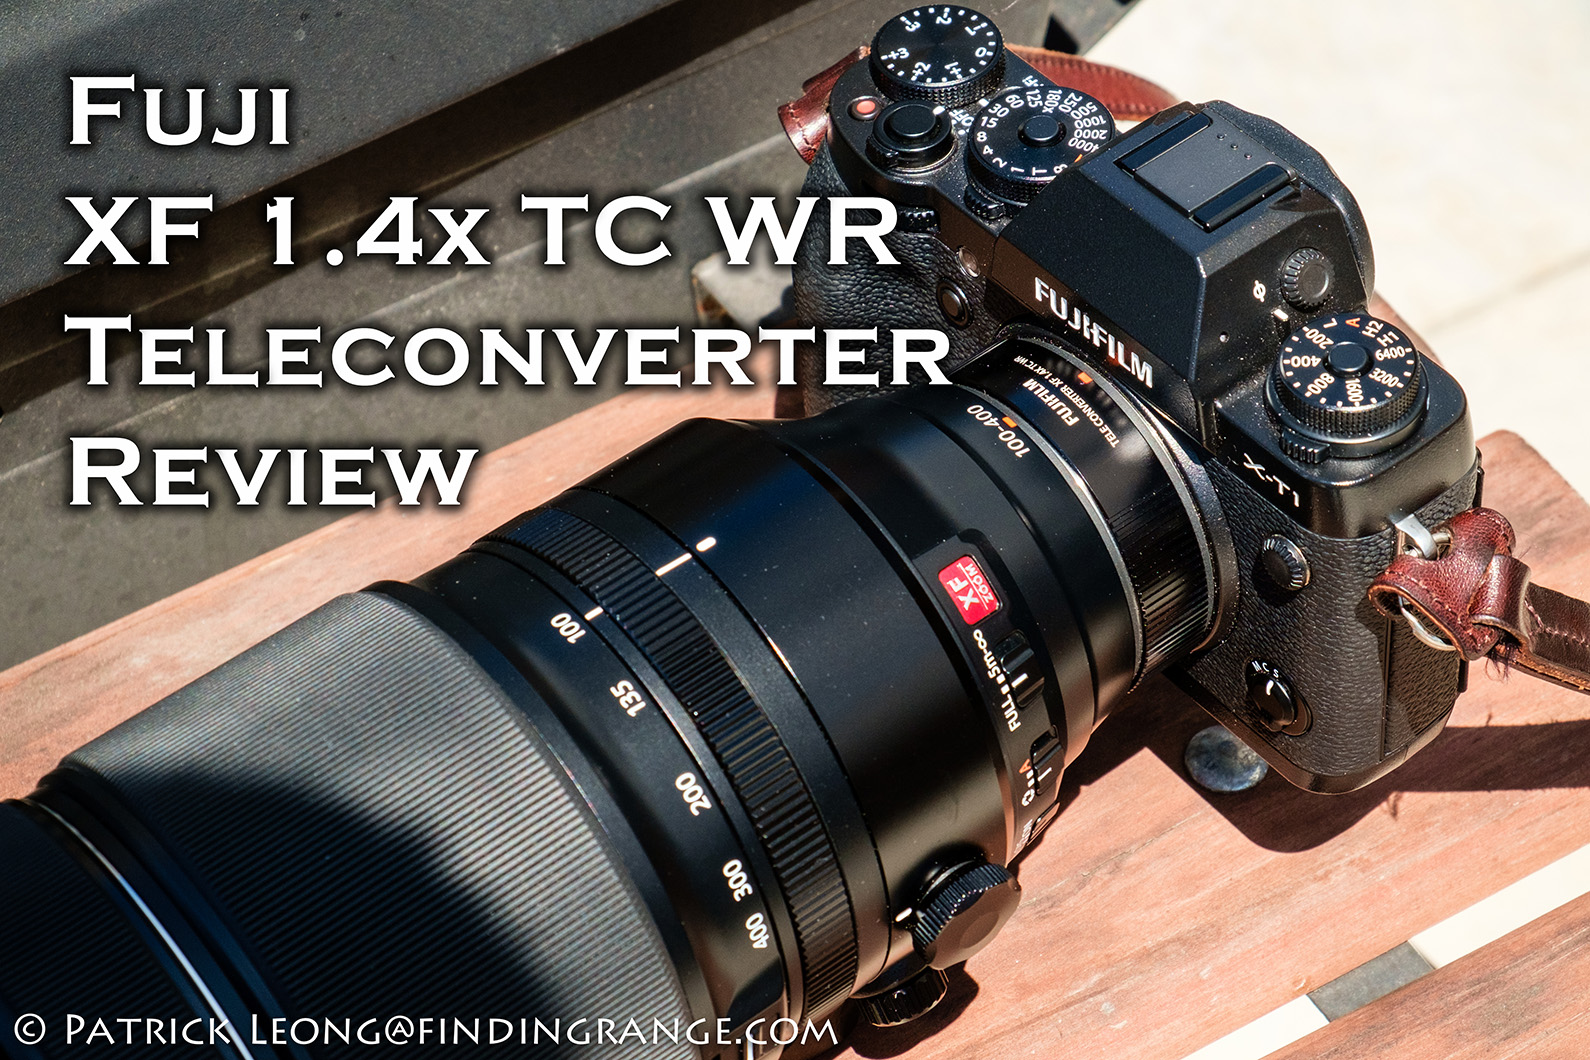 Fuji-X-T1-XF-1.4x-TC-WR-Teleconverter-Review-3